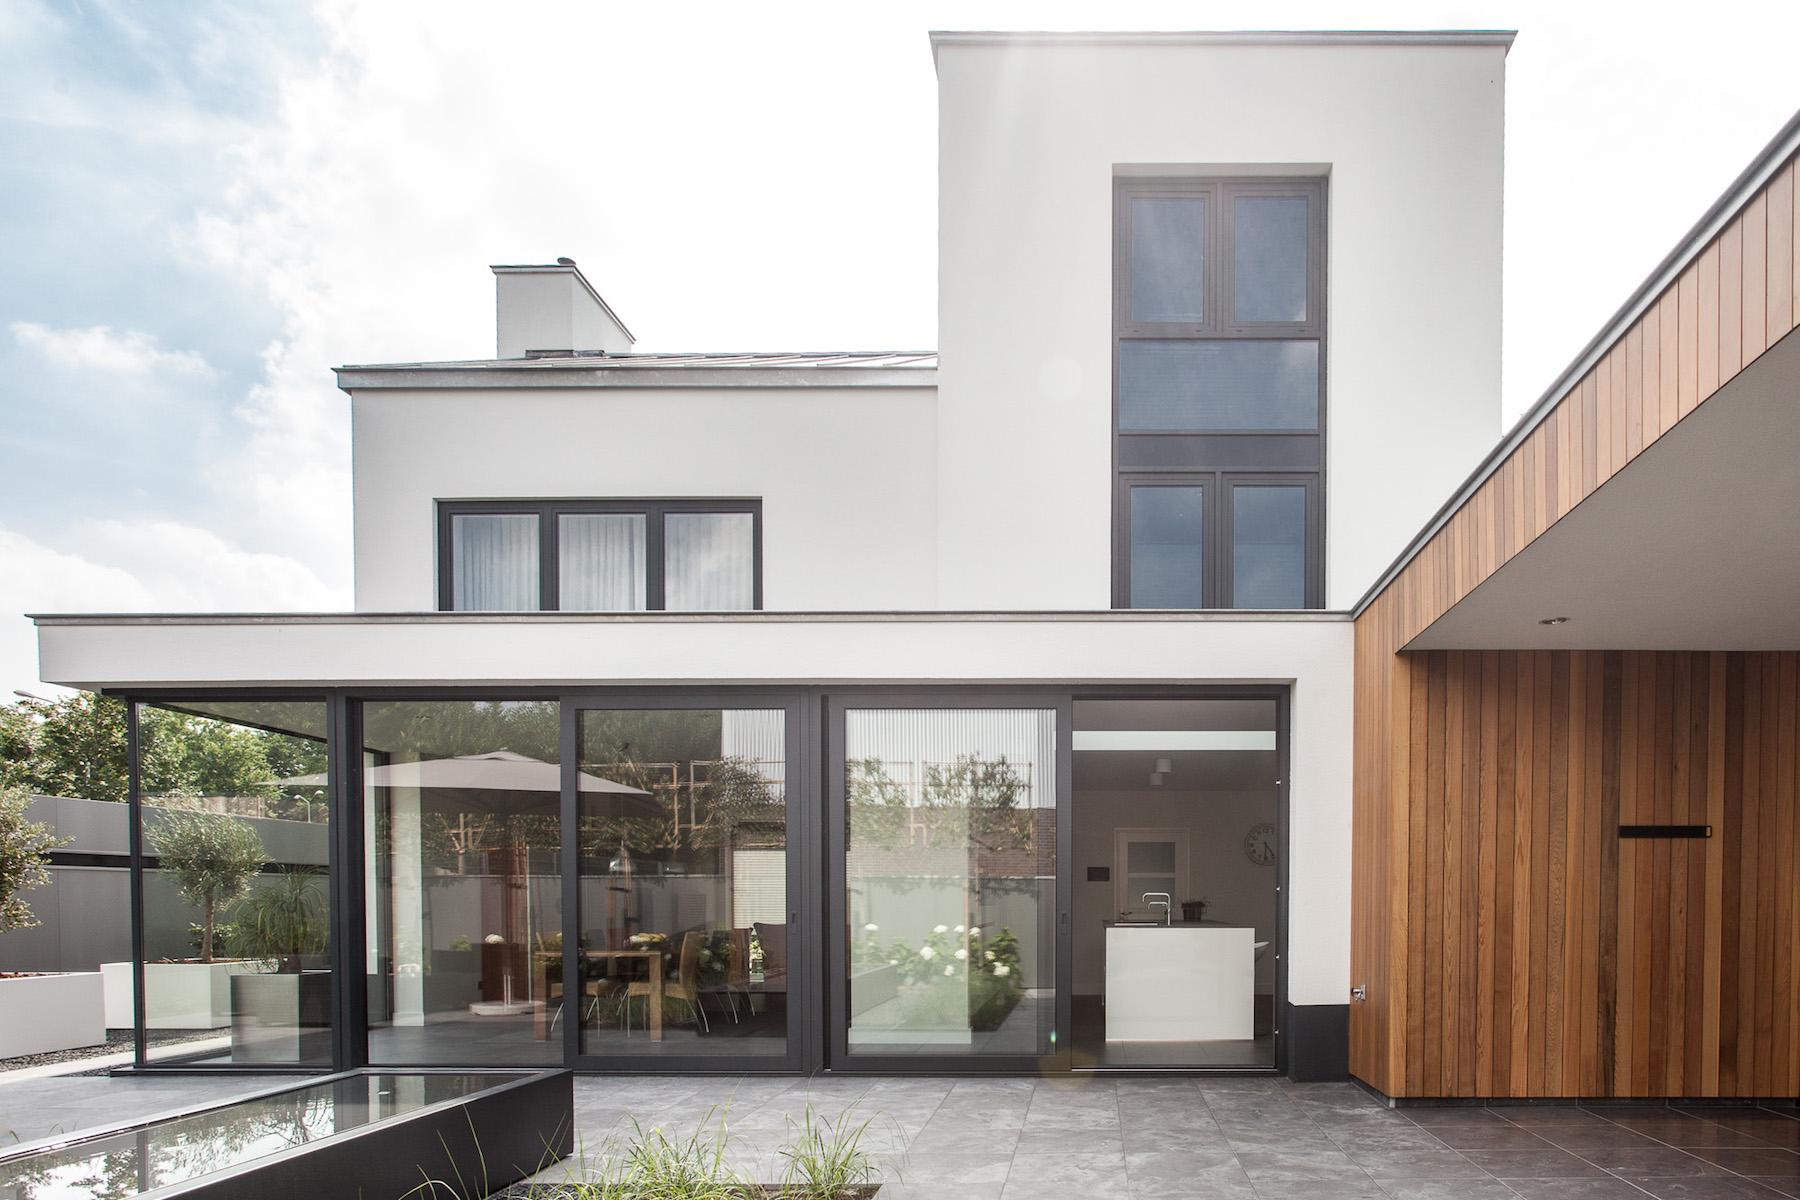 <p>NIEUW – Jaren 70 woning wordt moderne villa, fotografie: Bob Romijnders</p>